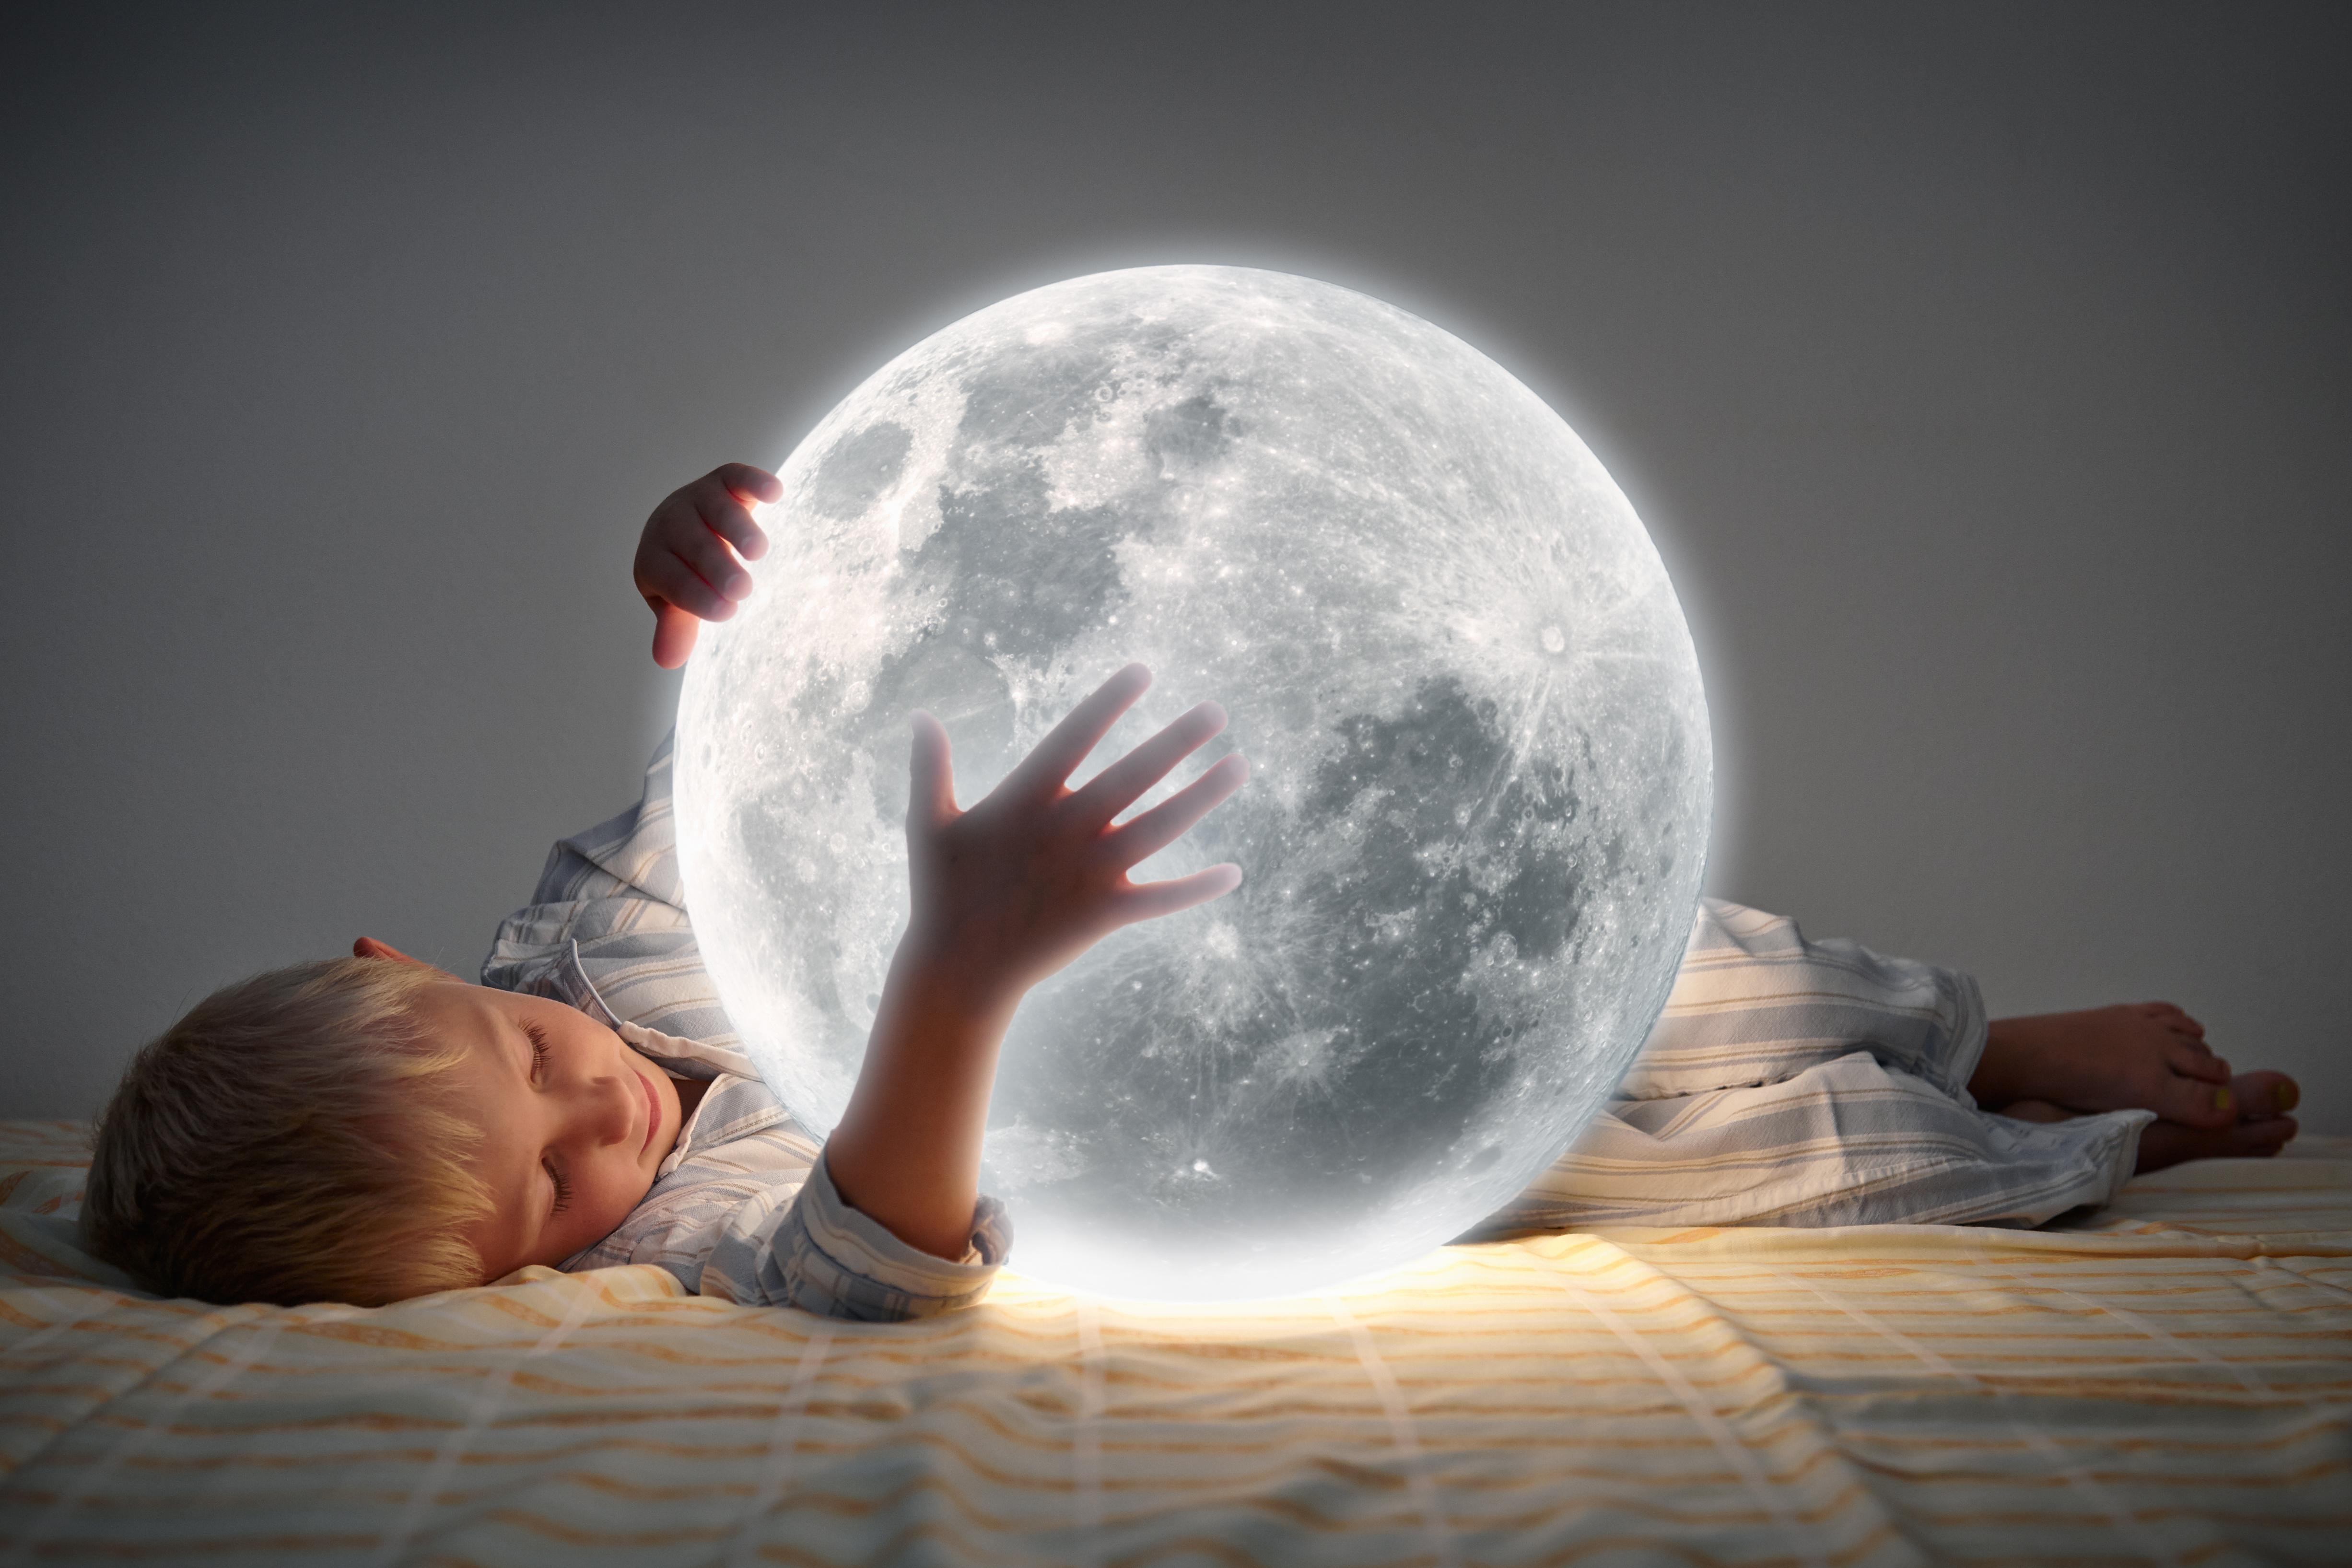 Kind mit Mond im Bett